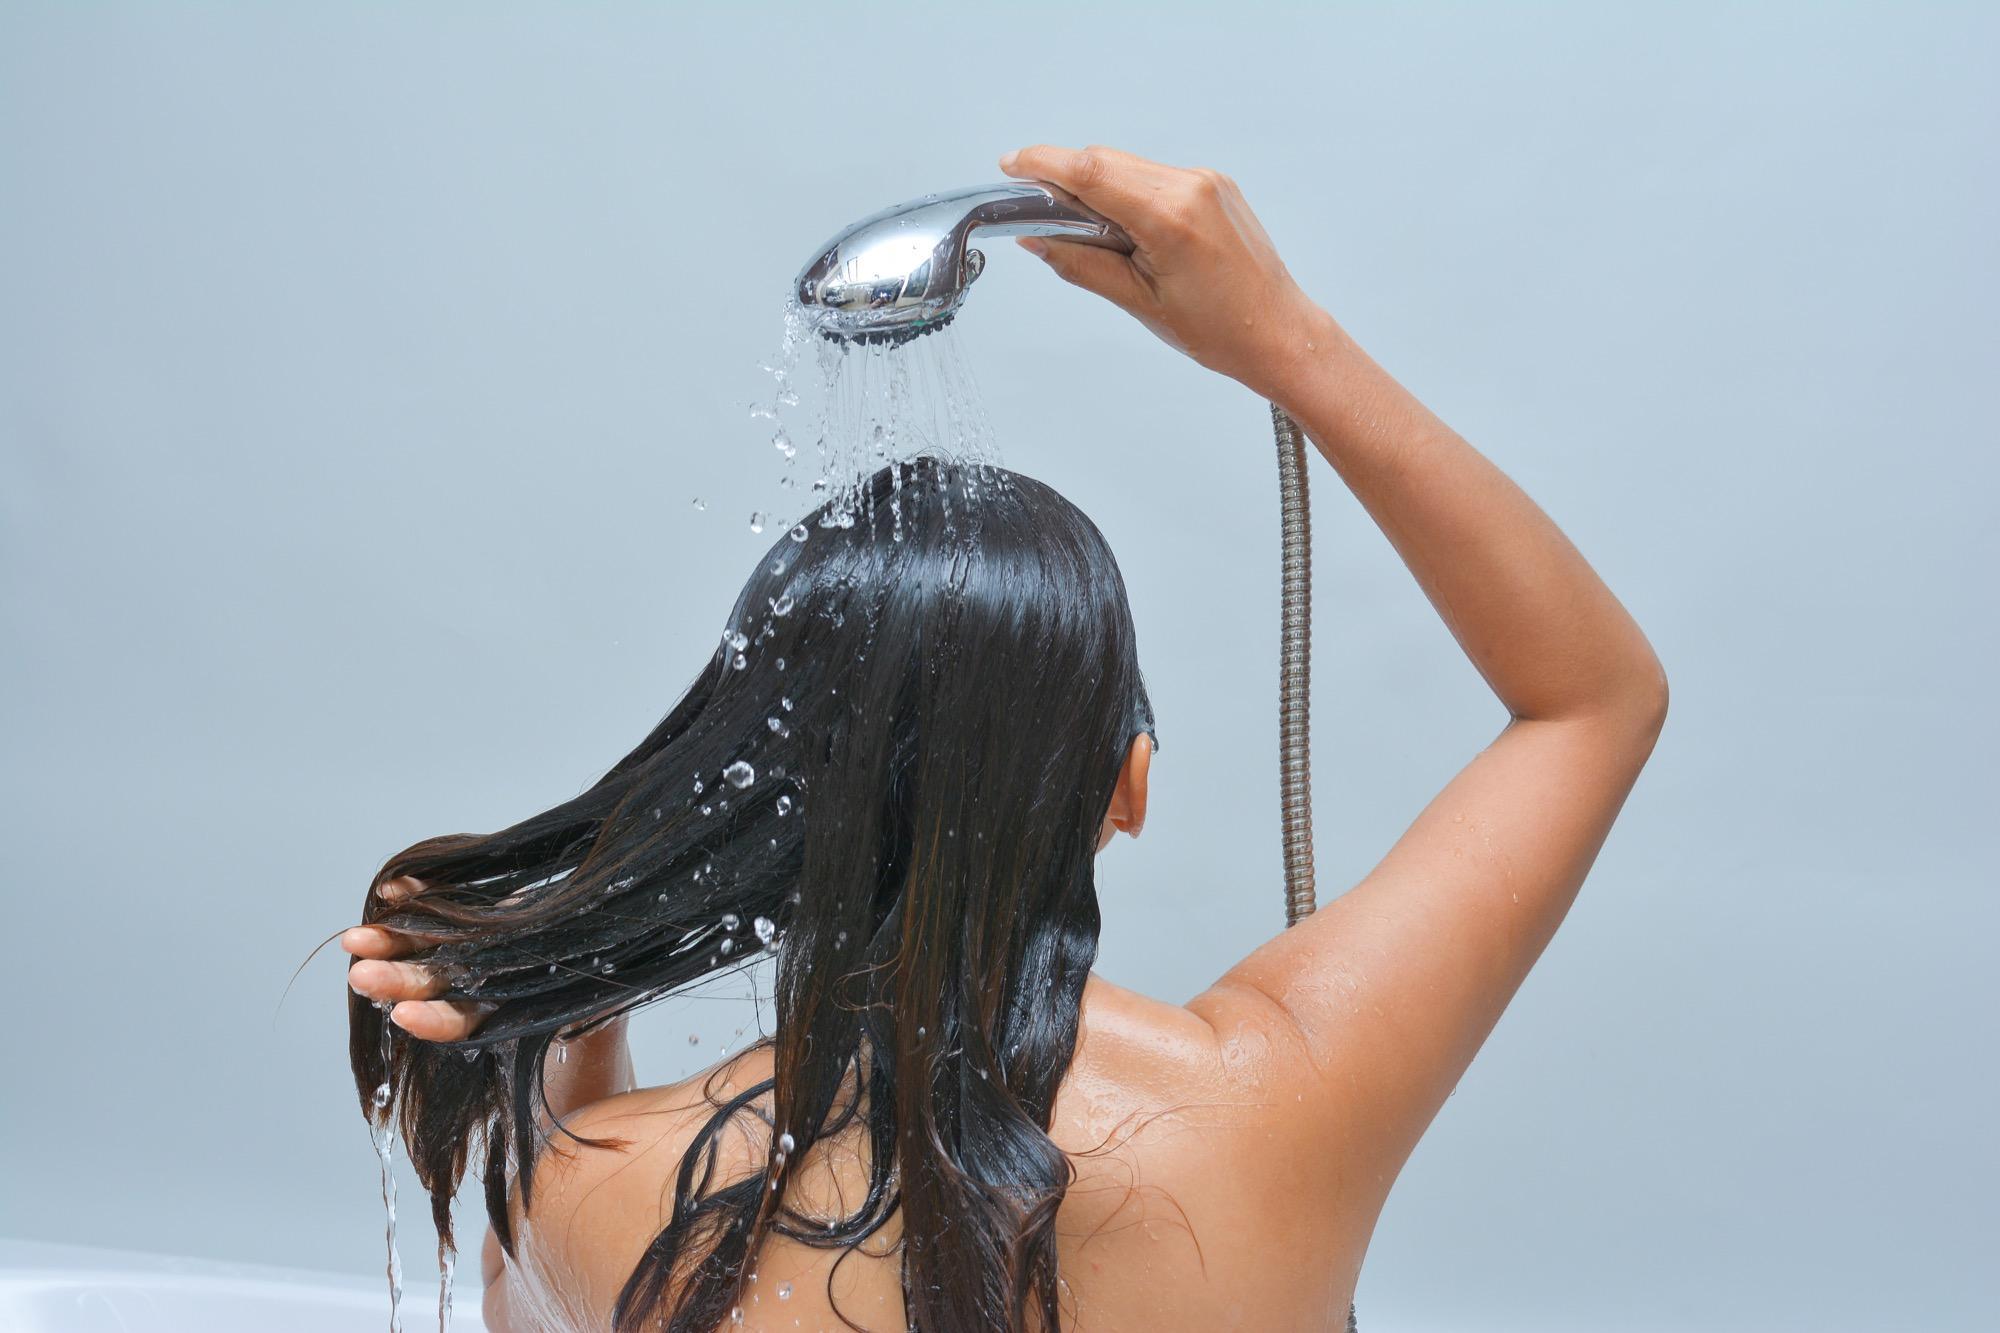 НакоПромойте волосы прохладной водойнец, ополосните волосы прохладной водой.Ополаскивание волос прохладной водой помогает закрепить стержень волоса